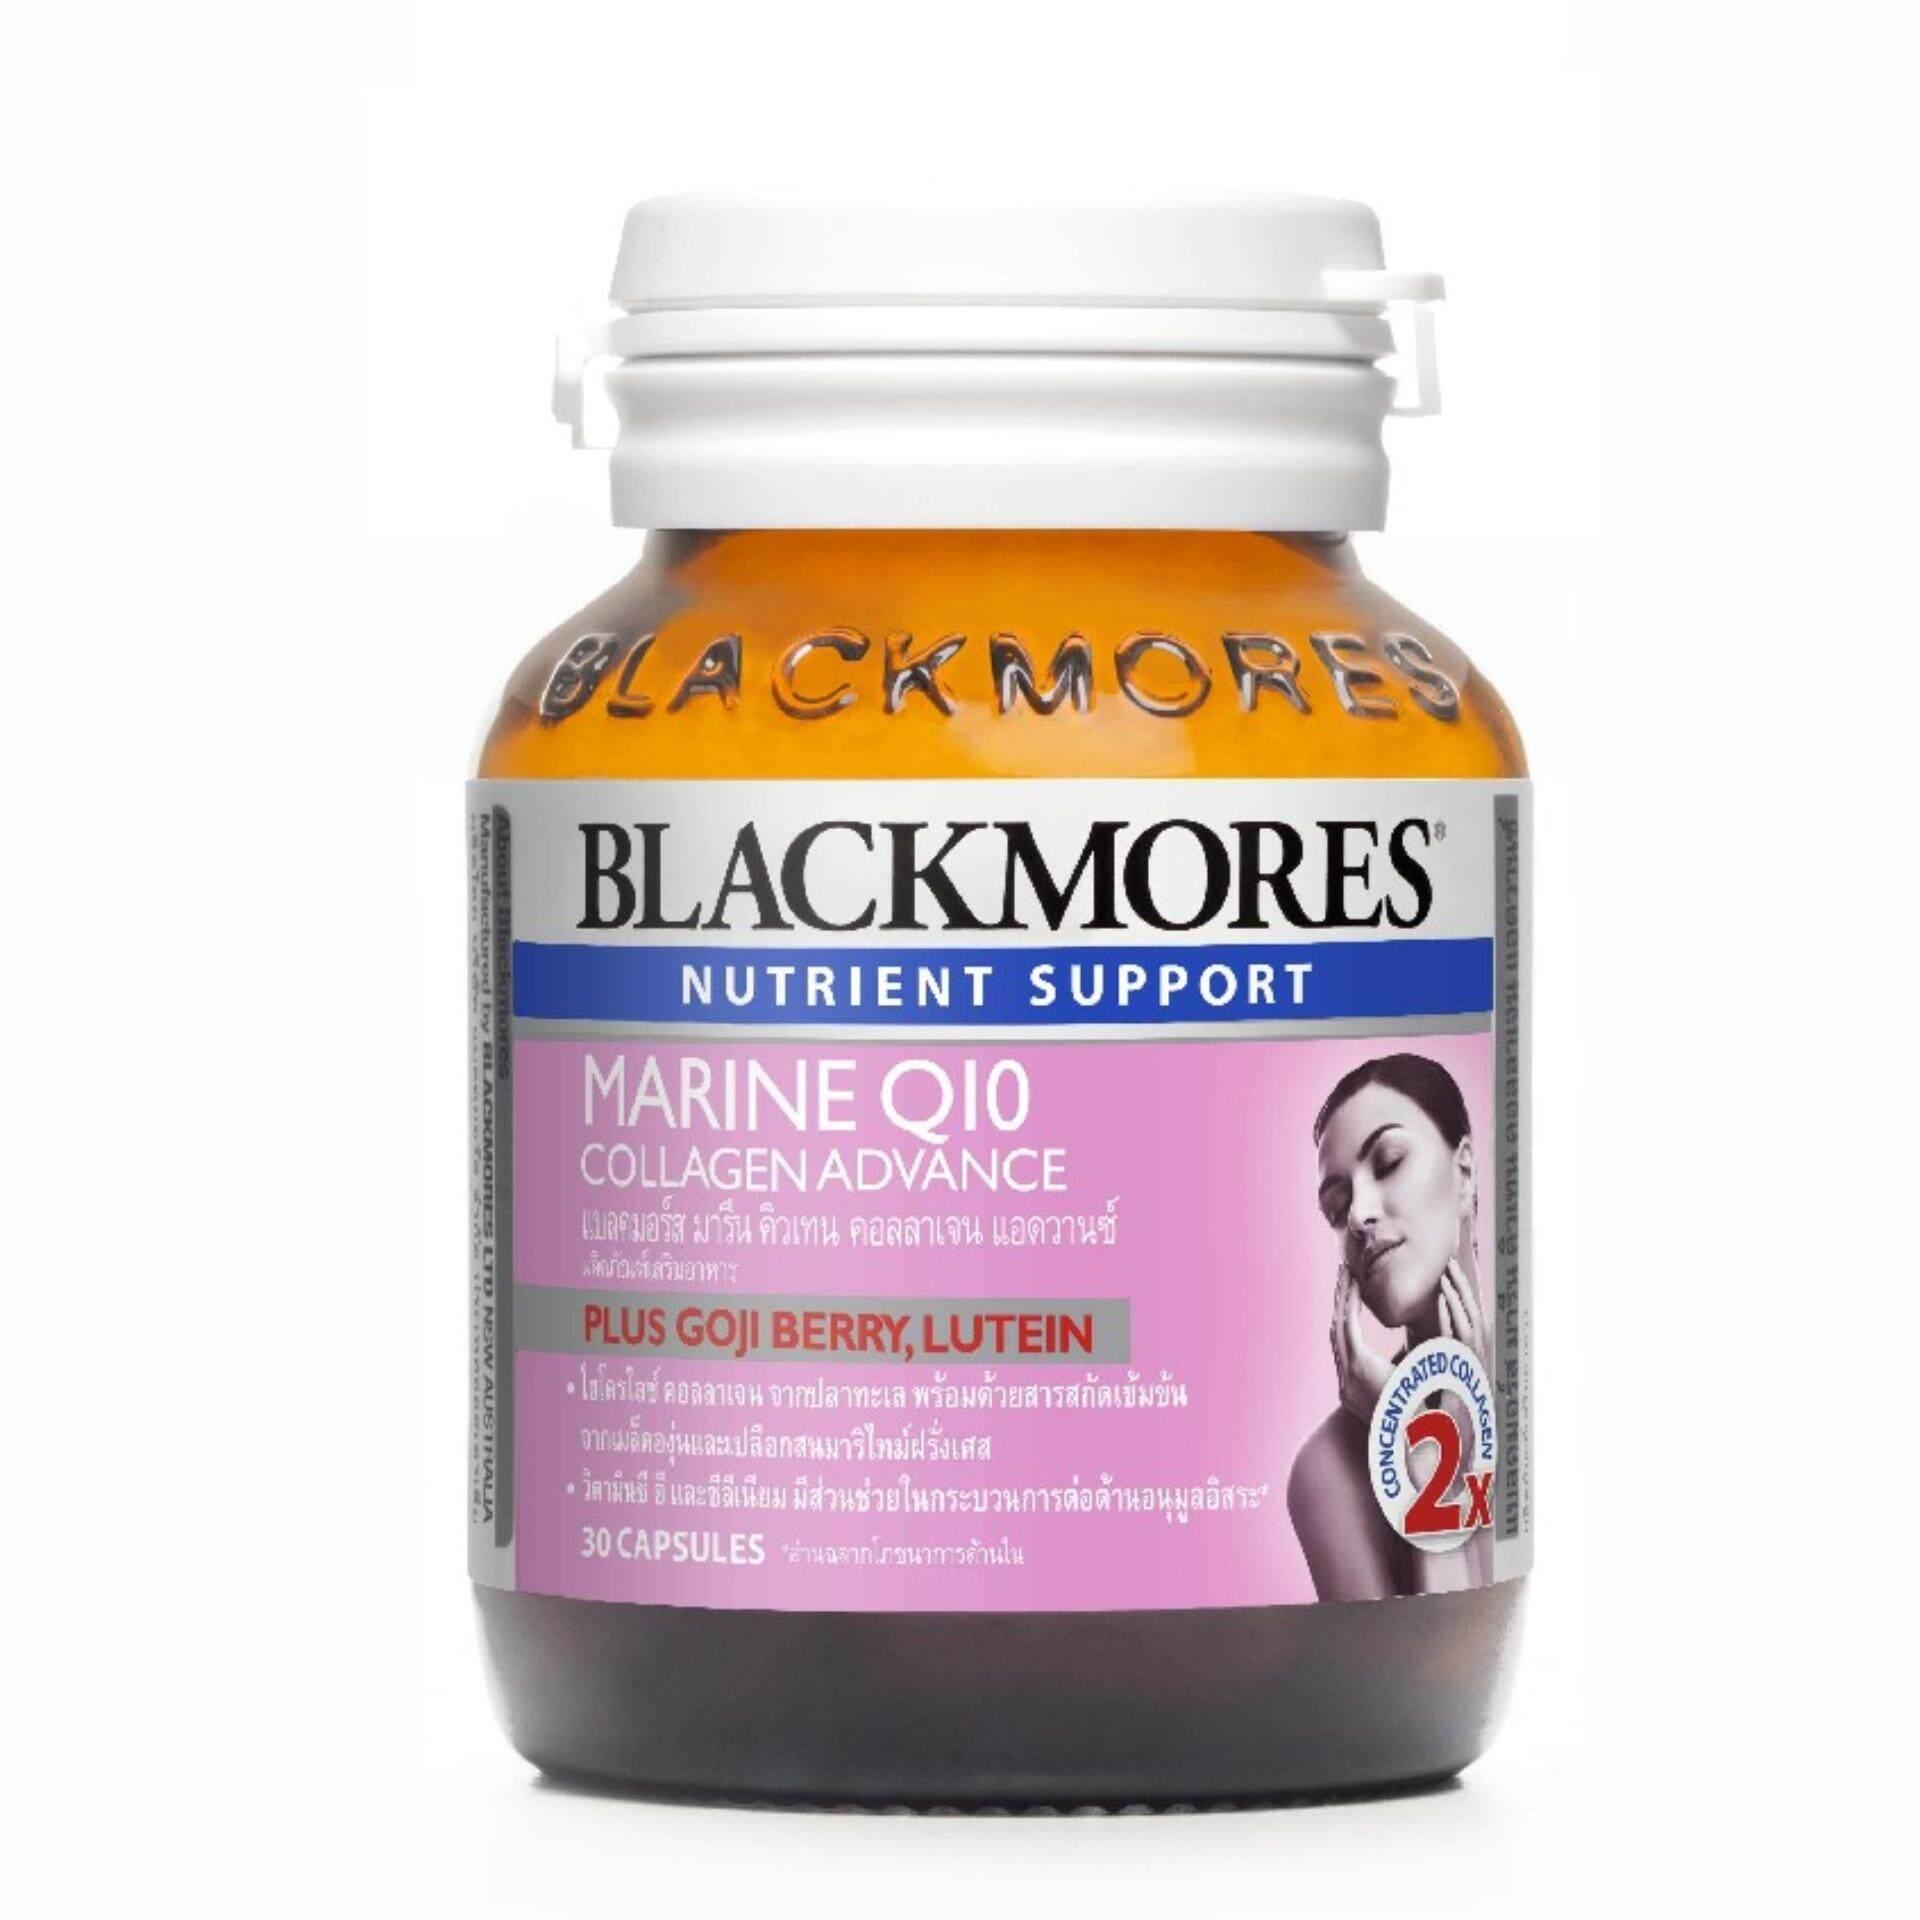 ส่วนลด แบลคมอร์ส มารีน คิวเทน คอลลาเจน แอดวานซ์ ขนาด 30 เม็ด Blackmores Marine Q10 Collagen Advance Cap 30 Blackmores สมุทรปราการ